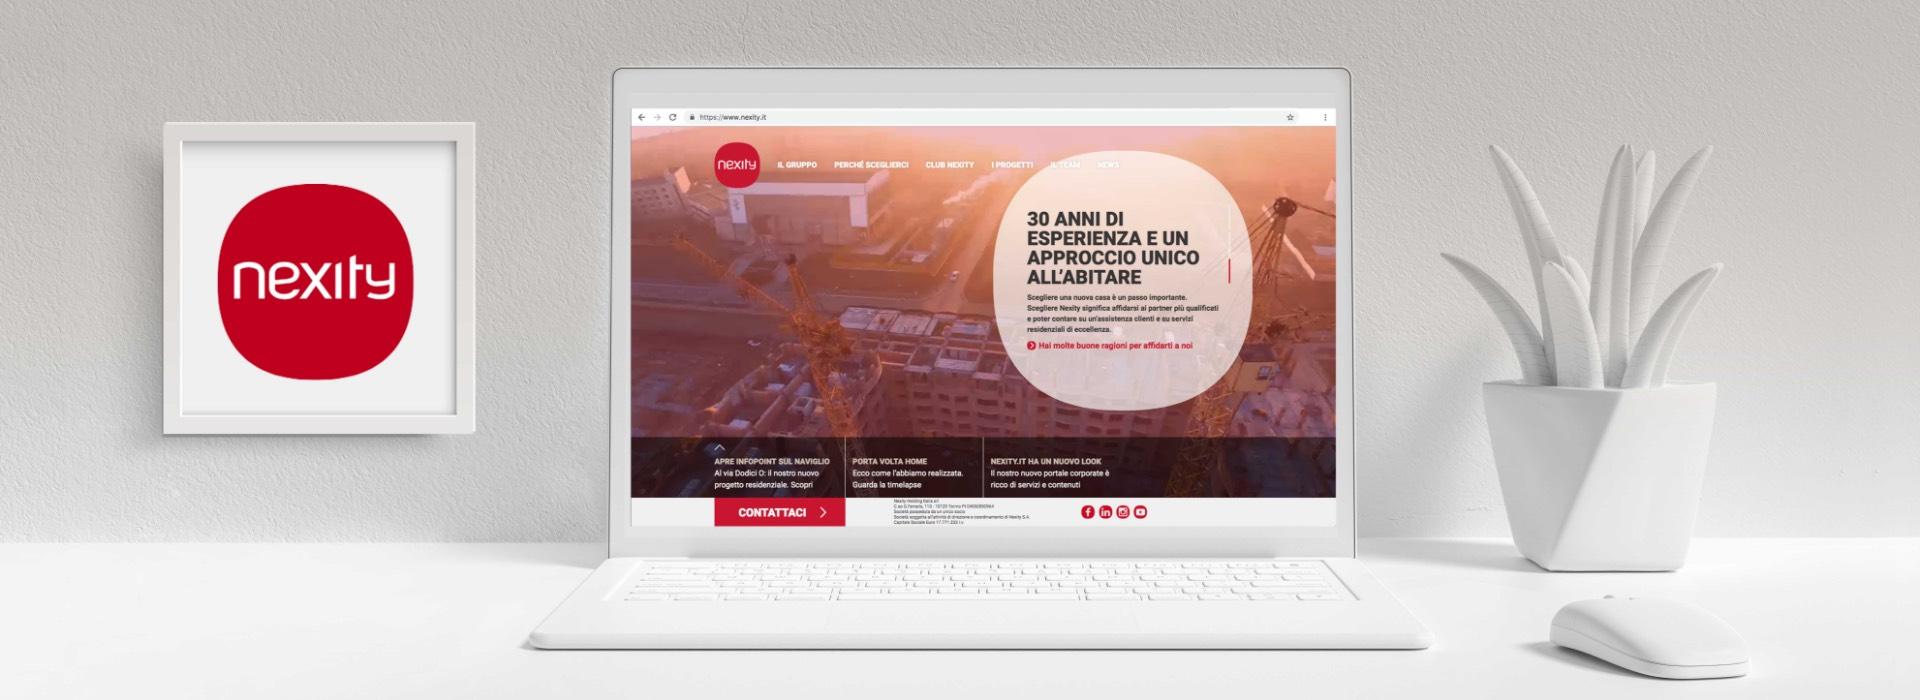 Nexity.it importante player settore immobiliare si affida ad ATC per brand idenity online